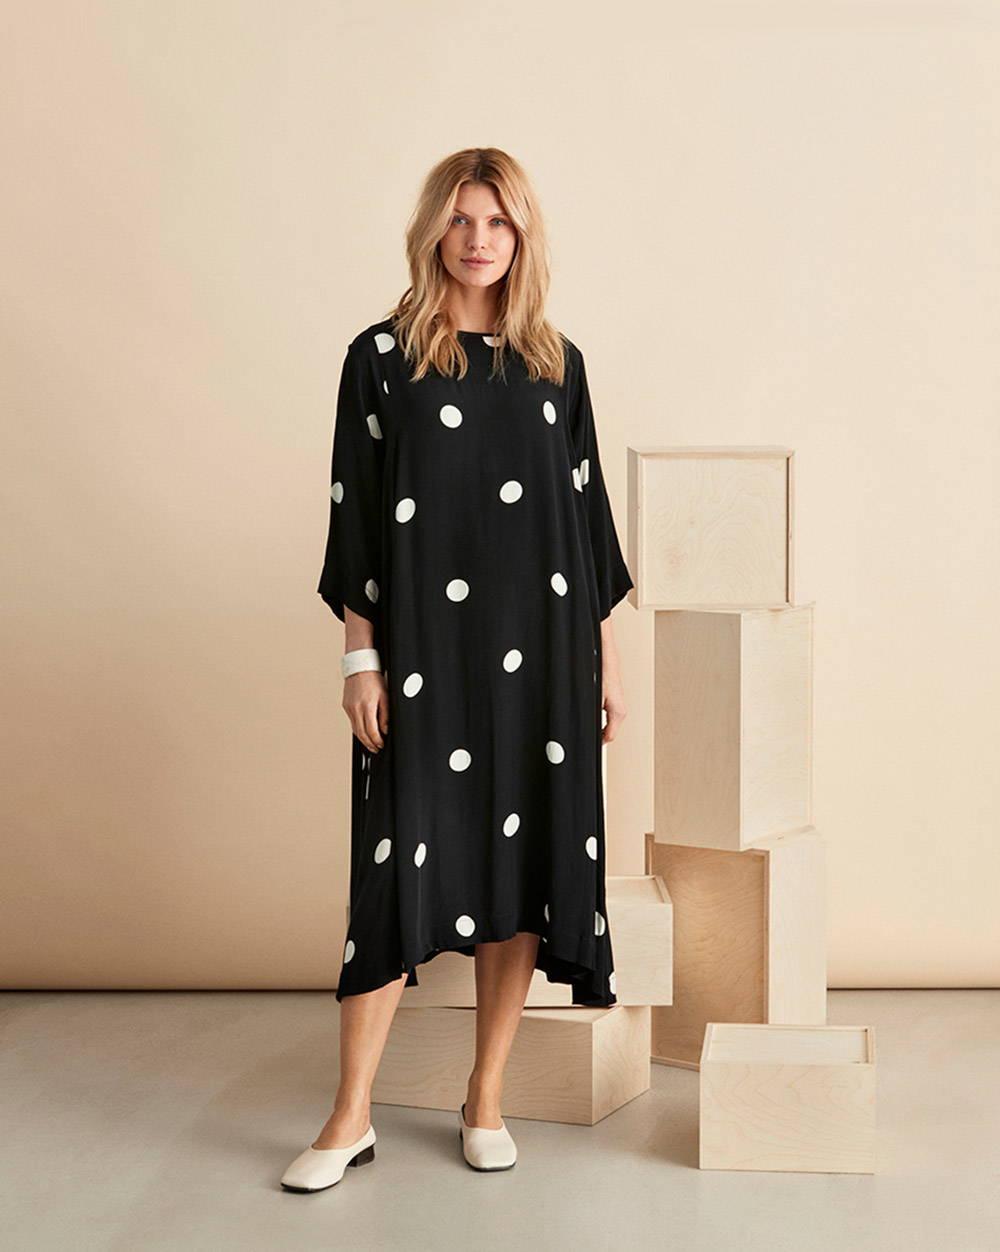 Nabia Dress in Black and White Polka Dot